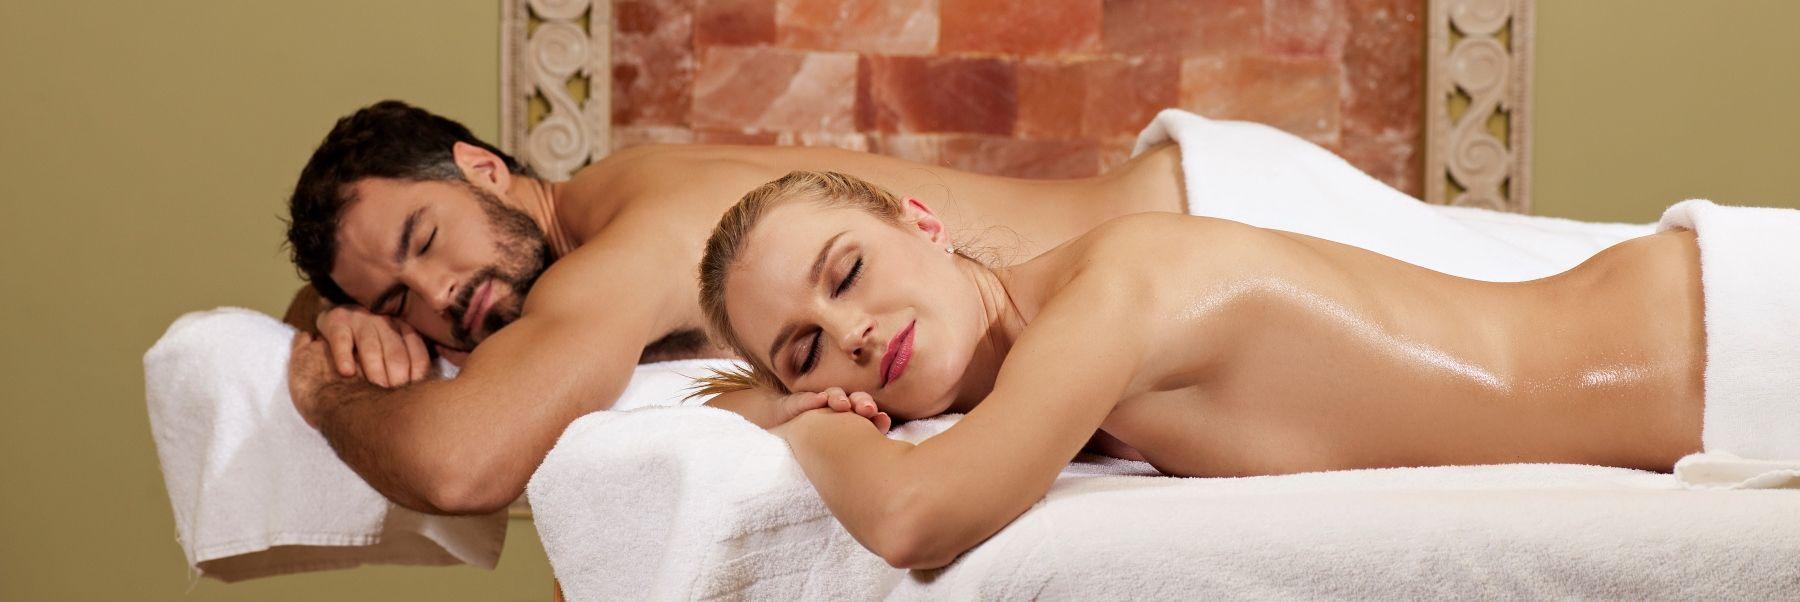 https://www.sava-hotels-resorts.com/en/imagelib/fullWidth-banner/default/Terme-Ptuj/Wellness/Massage%20for%20two_04_The%20GHP_crop.jpg